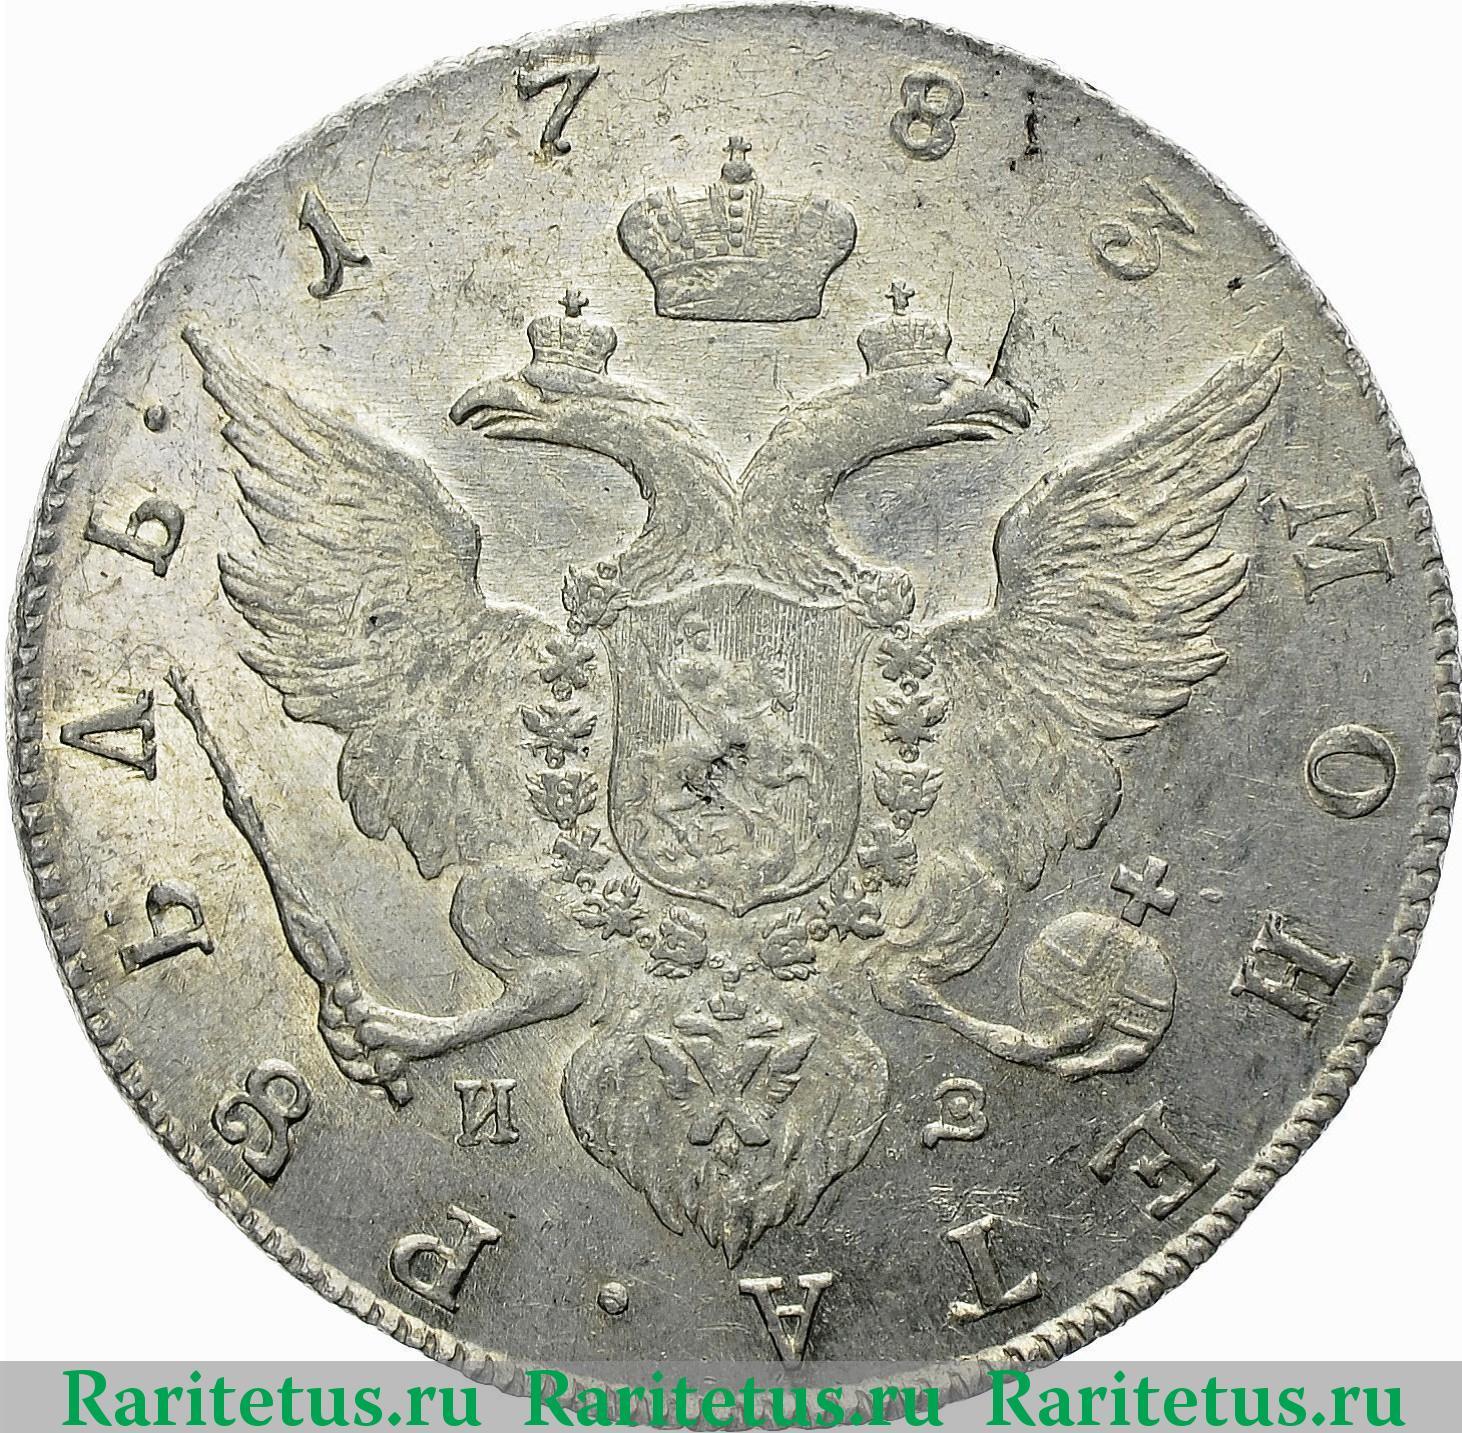 Серебряный рубль 1783 года цена комитет победа официальный сайт